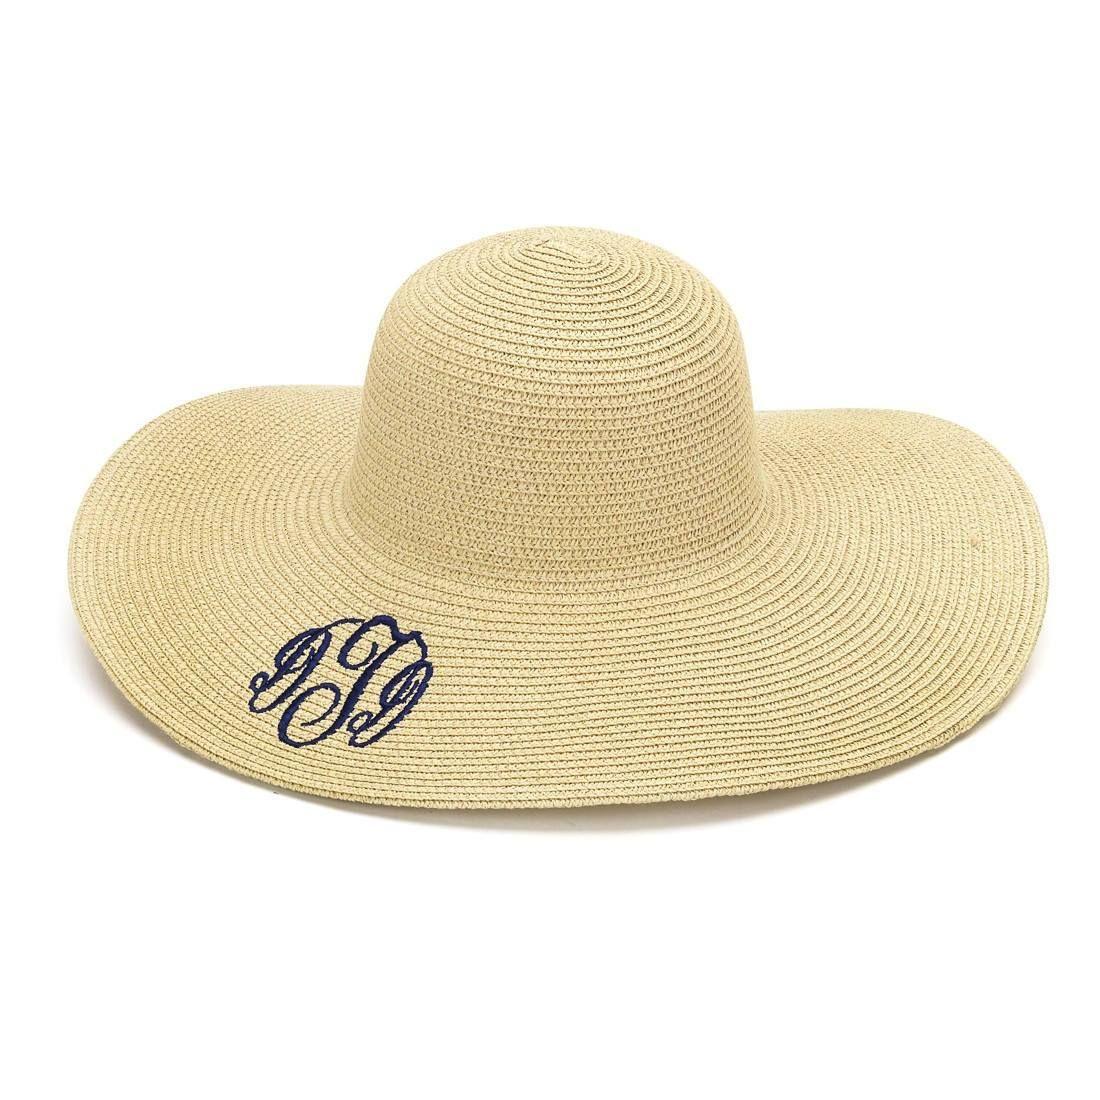 df8a700df7f6bd Monogram Floppy Hat | Striped Hat | Straw Hat | Beach Hat | Floppy Beach Hat  | Floppy Straw Hat | Monogrammed Hat | Kentucky Derby Hat